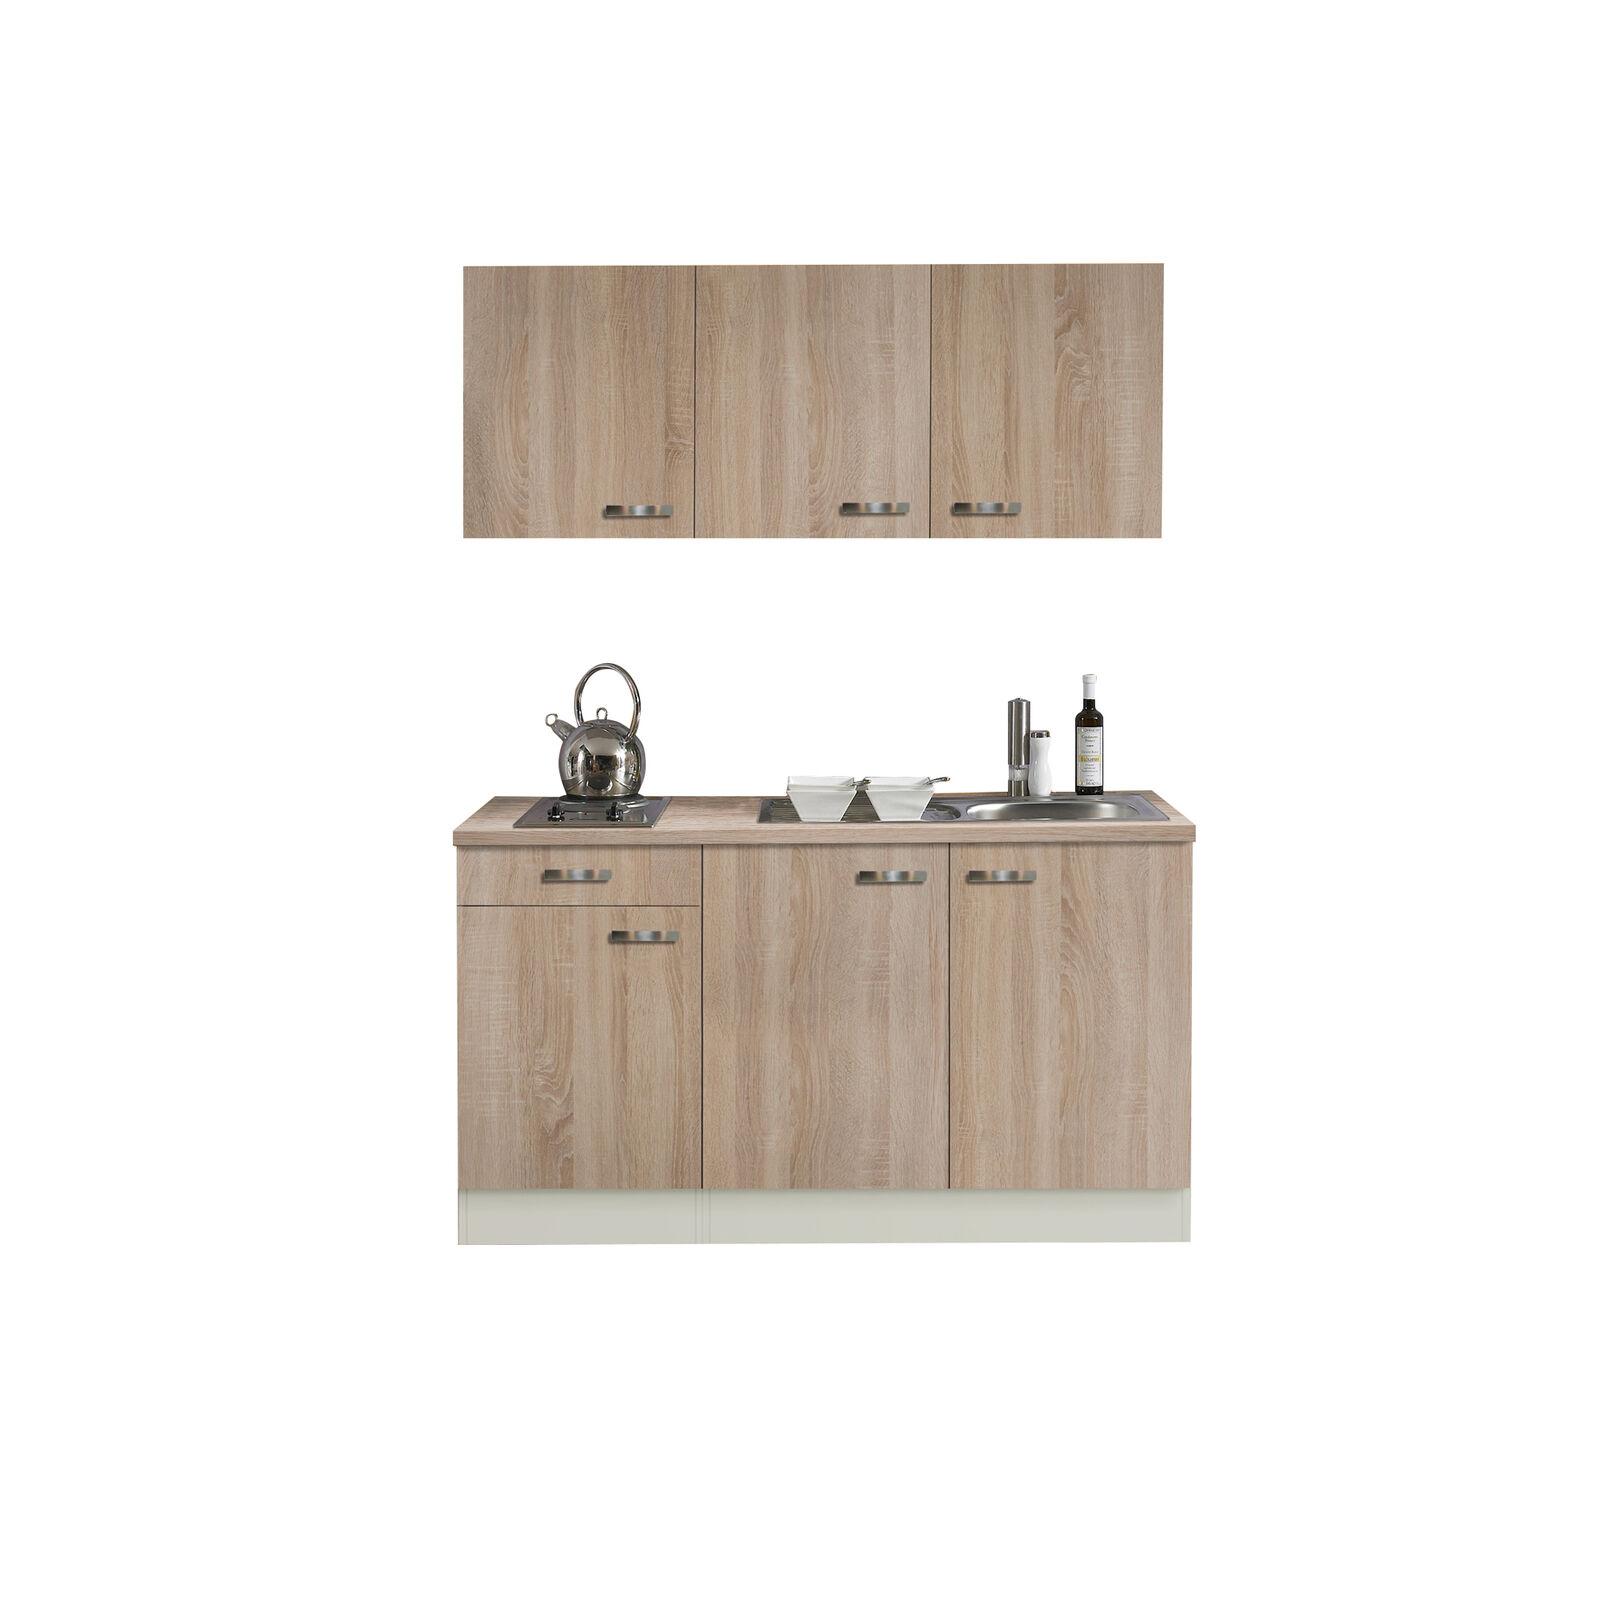 Mini Küche Test Vergleich +++ Mini Küche günstig kaufen!